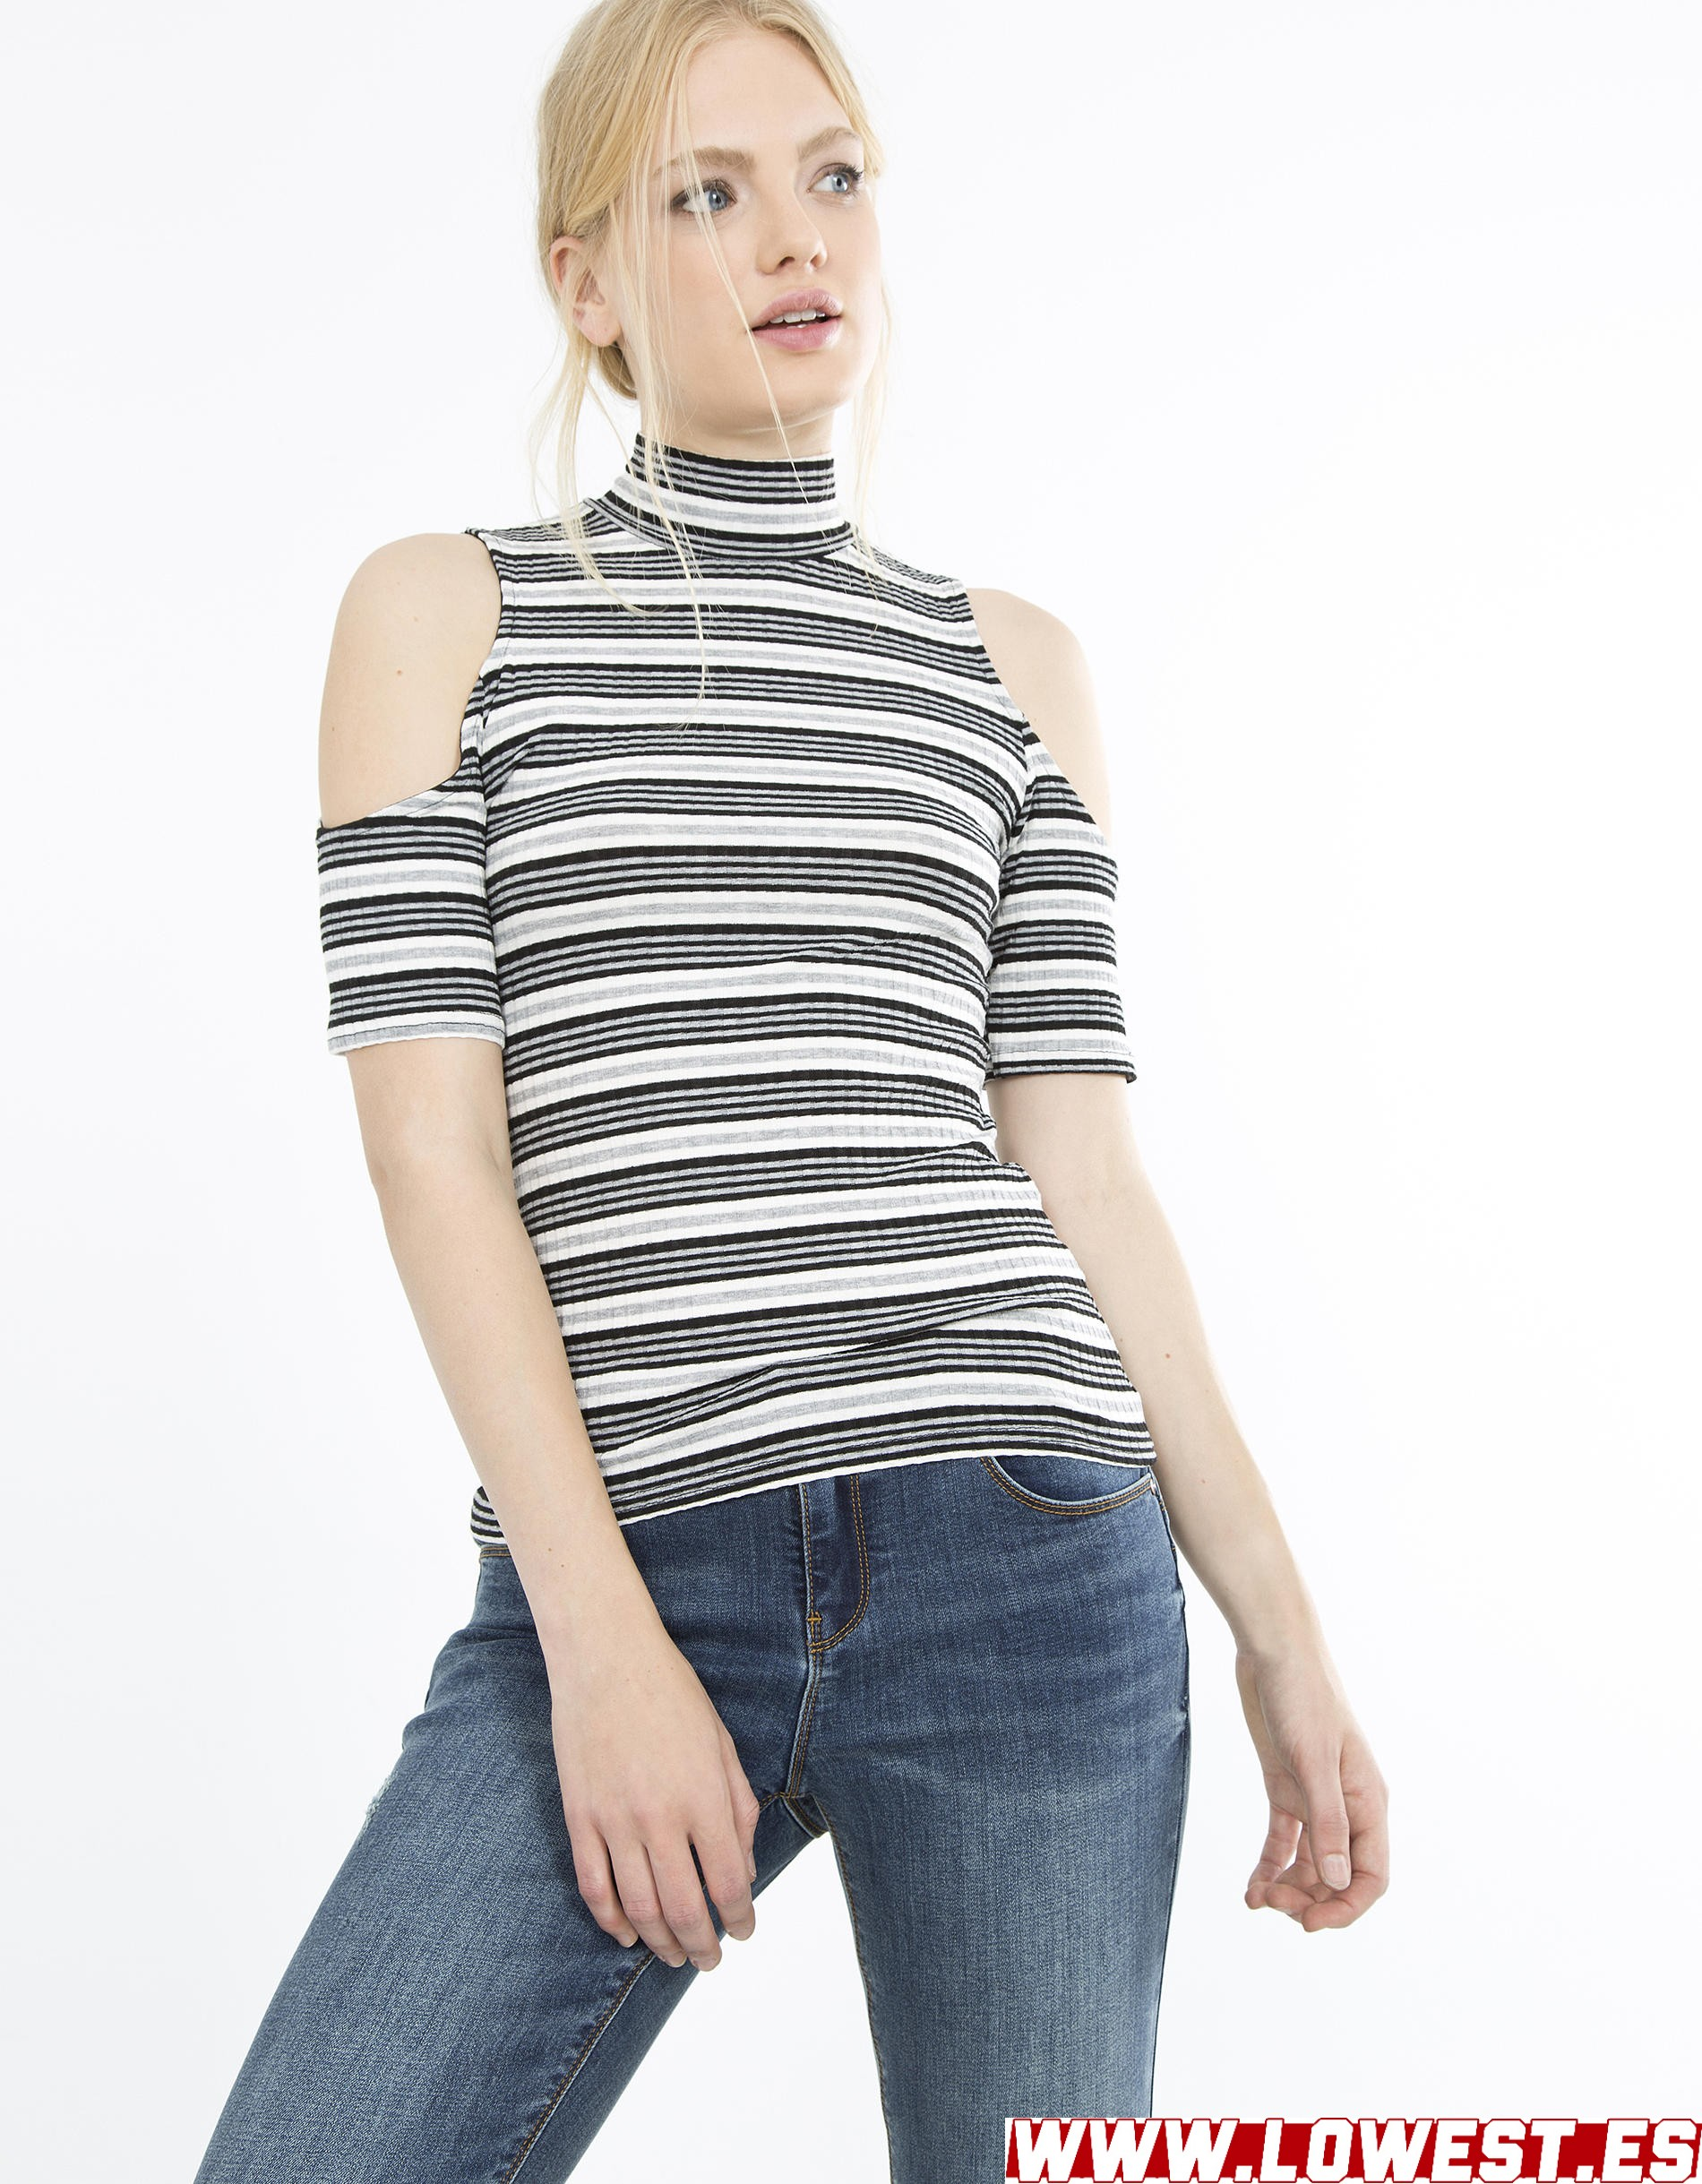 paginas para comprar ropa en linea que se lleva 2019 2020